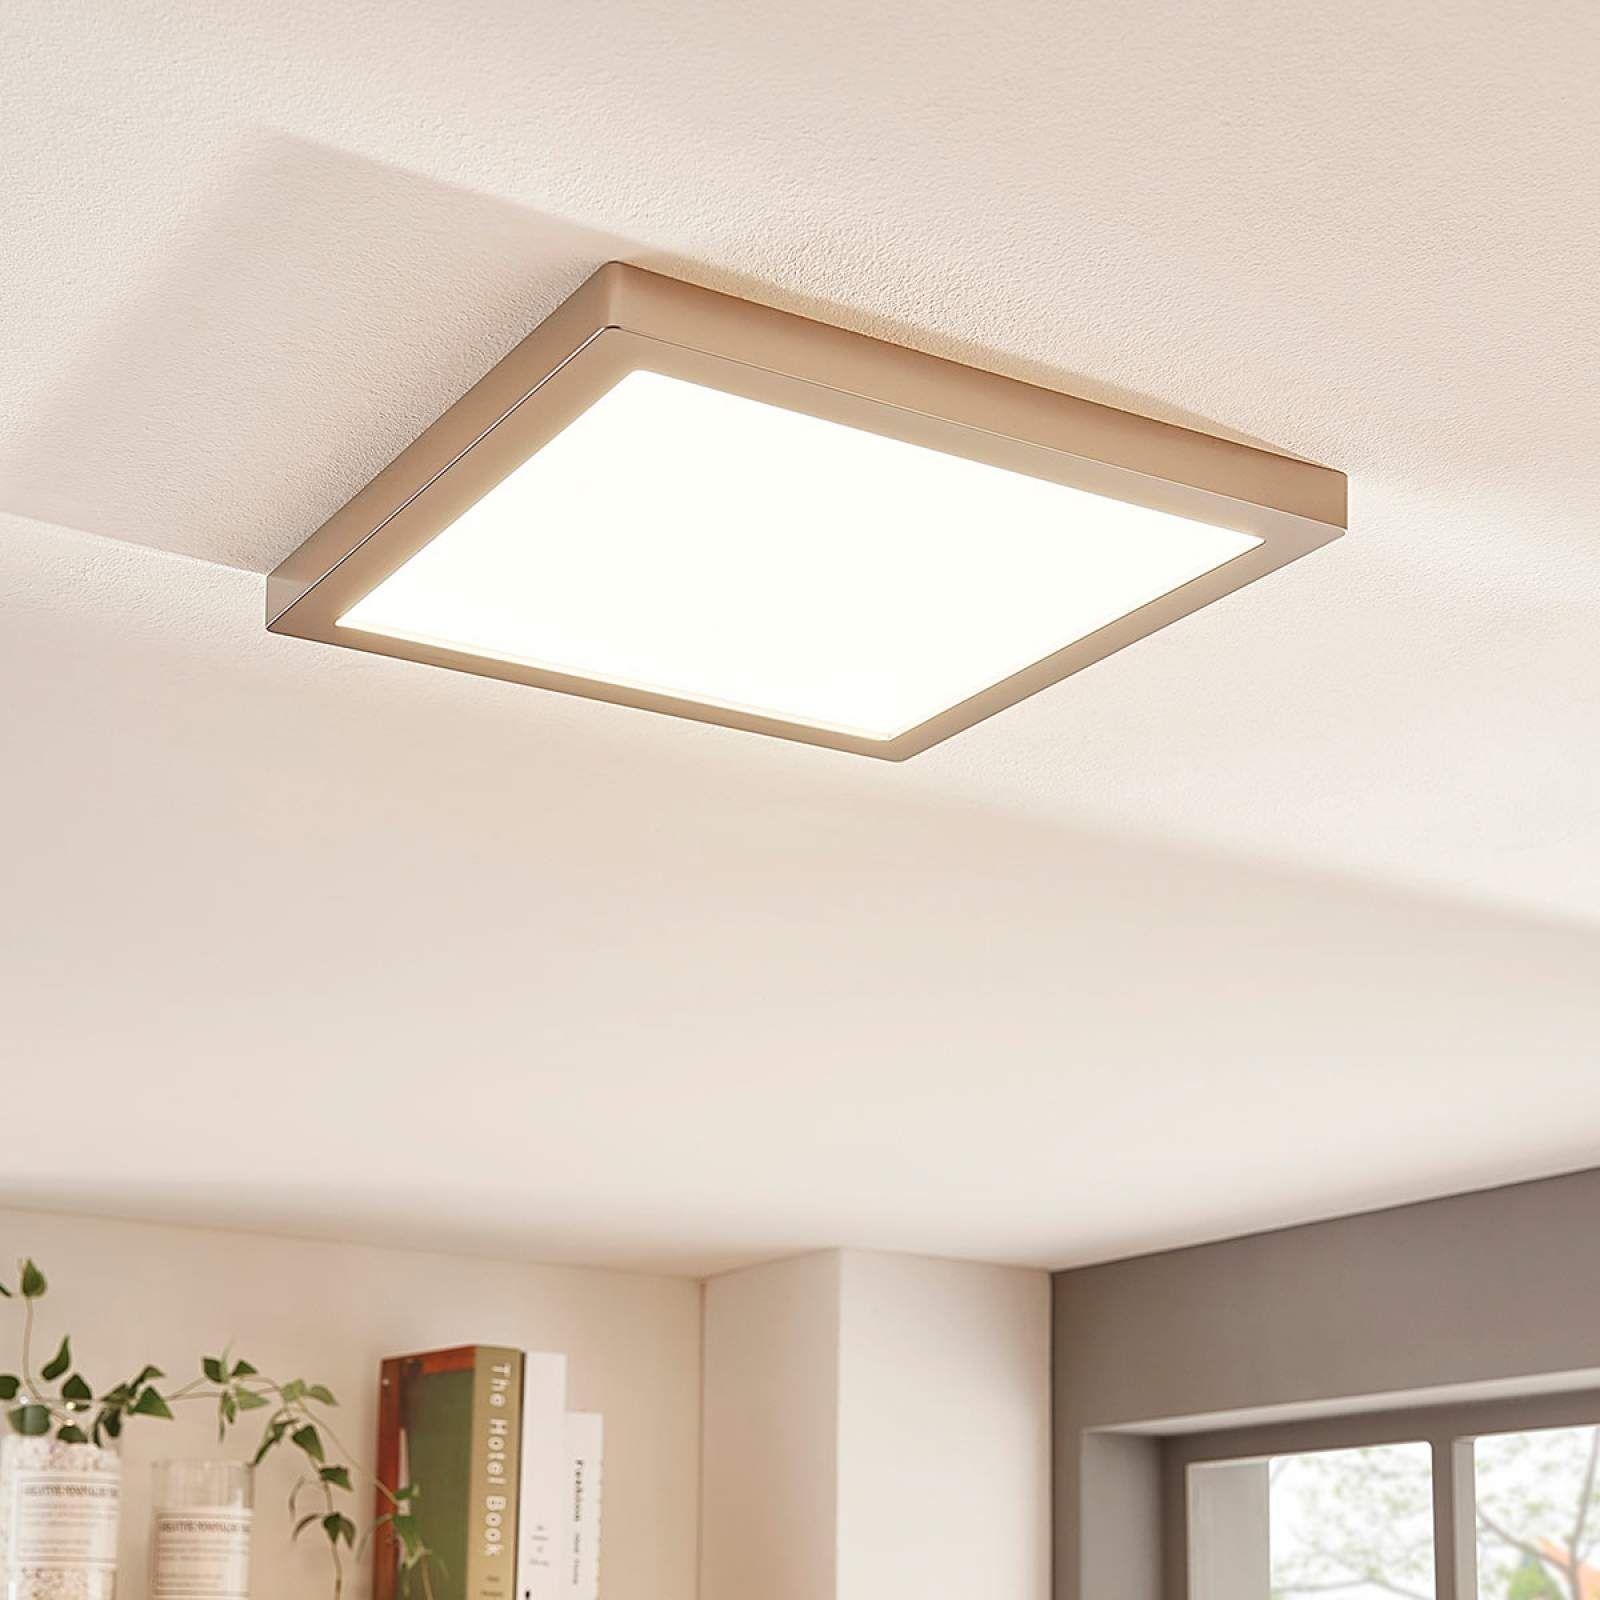 Deckenlampe Wohnzimmer Lampen Wohnzimmer Deckenlampe Wohnzimmer